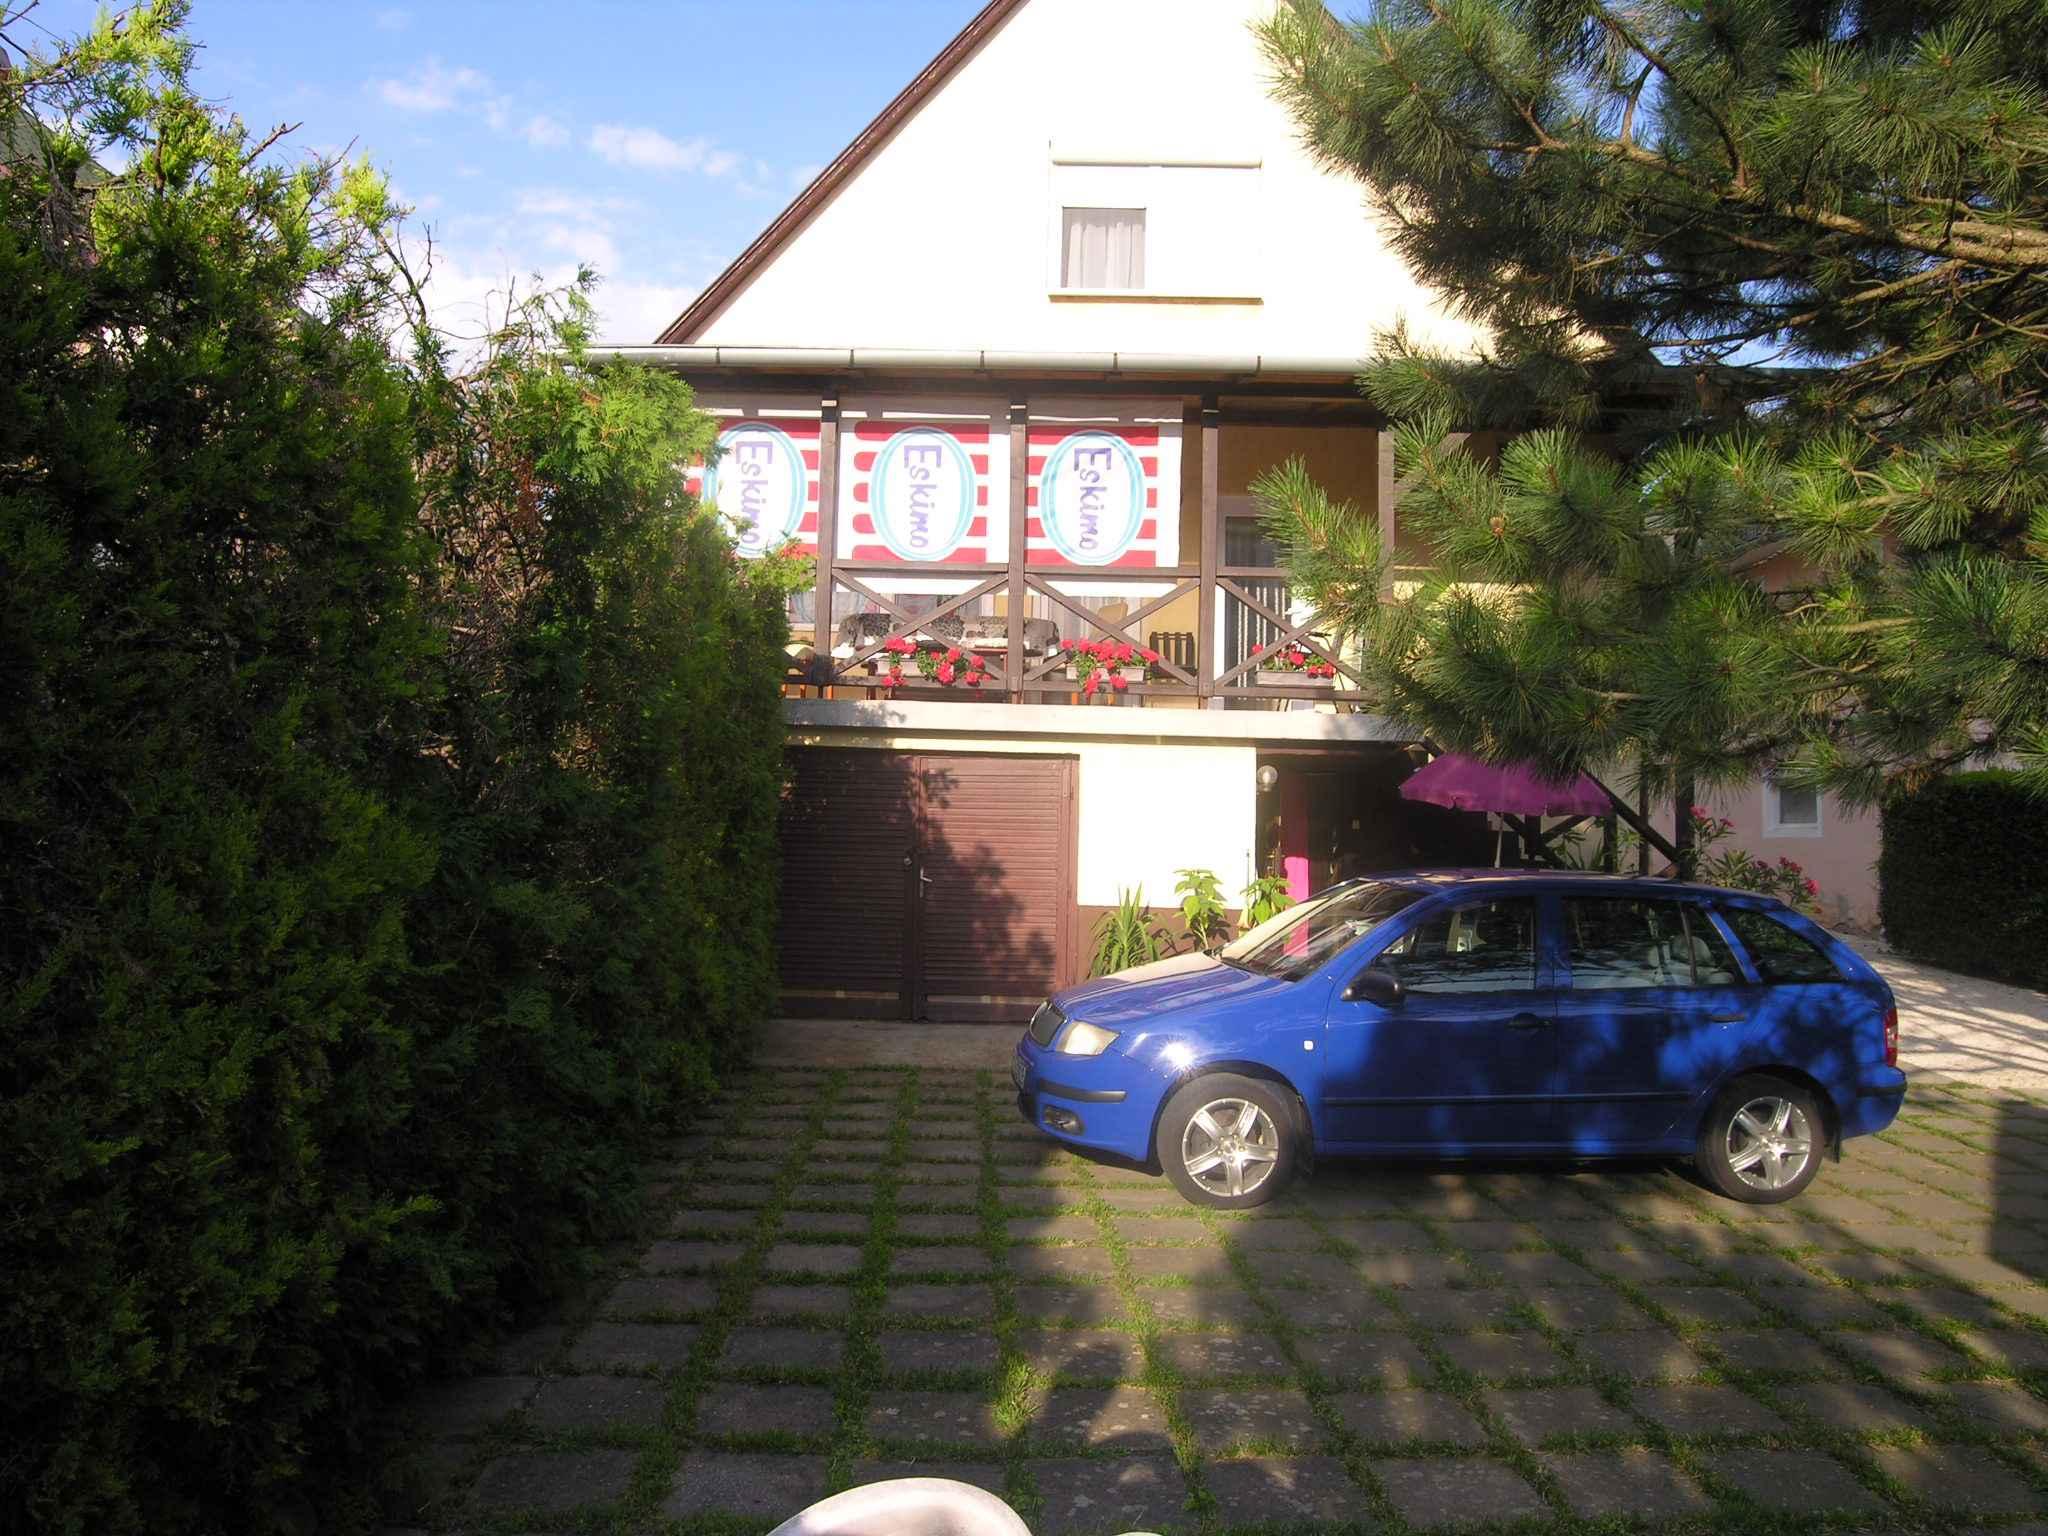 Ferienhaus mit grossem Garten, WLAN und Waschmasch Ferienhaus  Balatonlelle